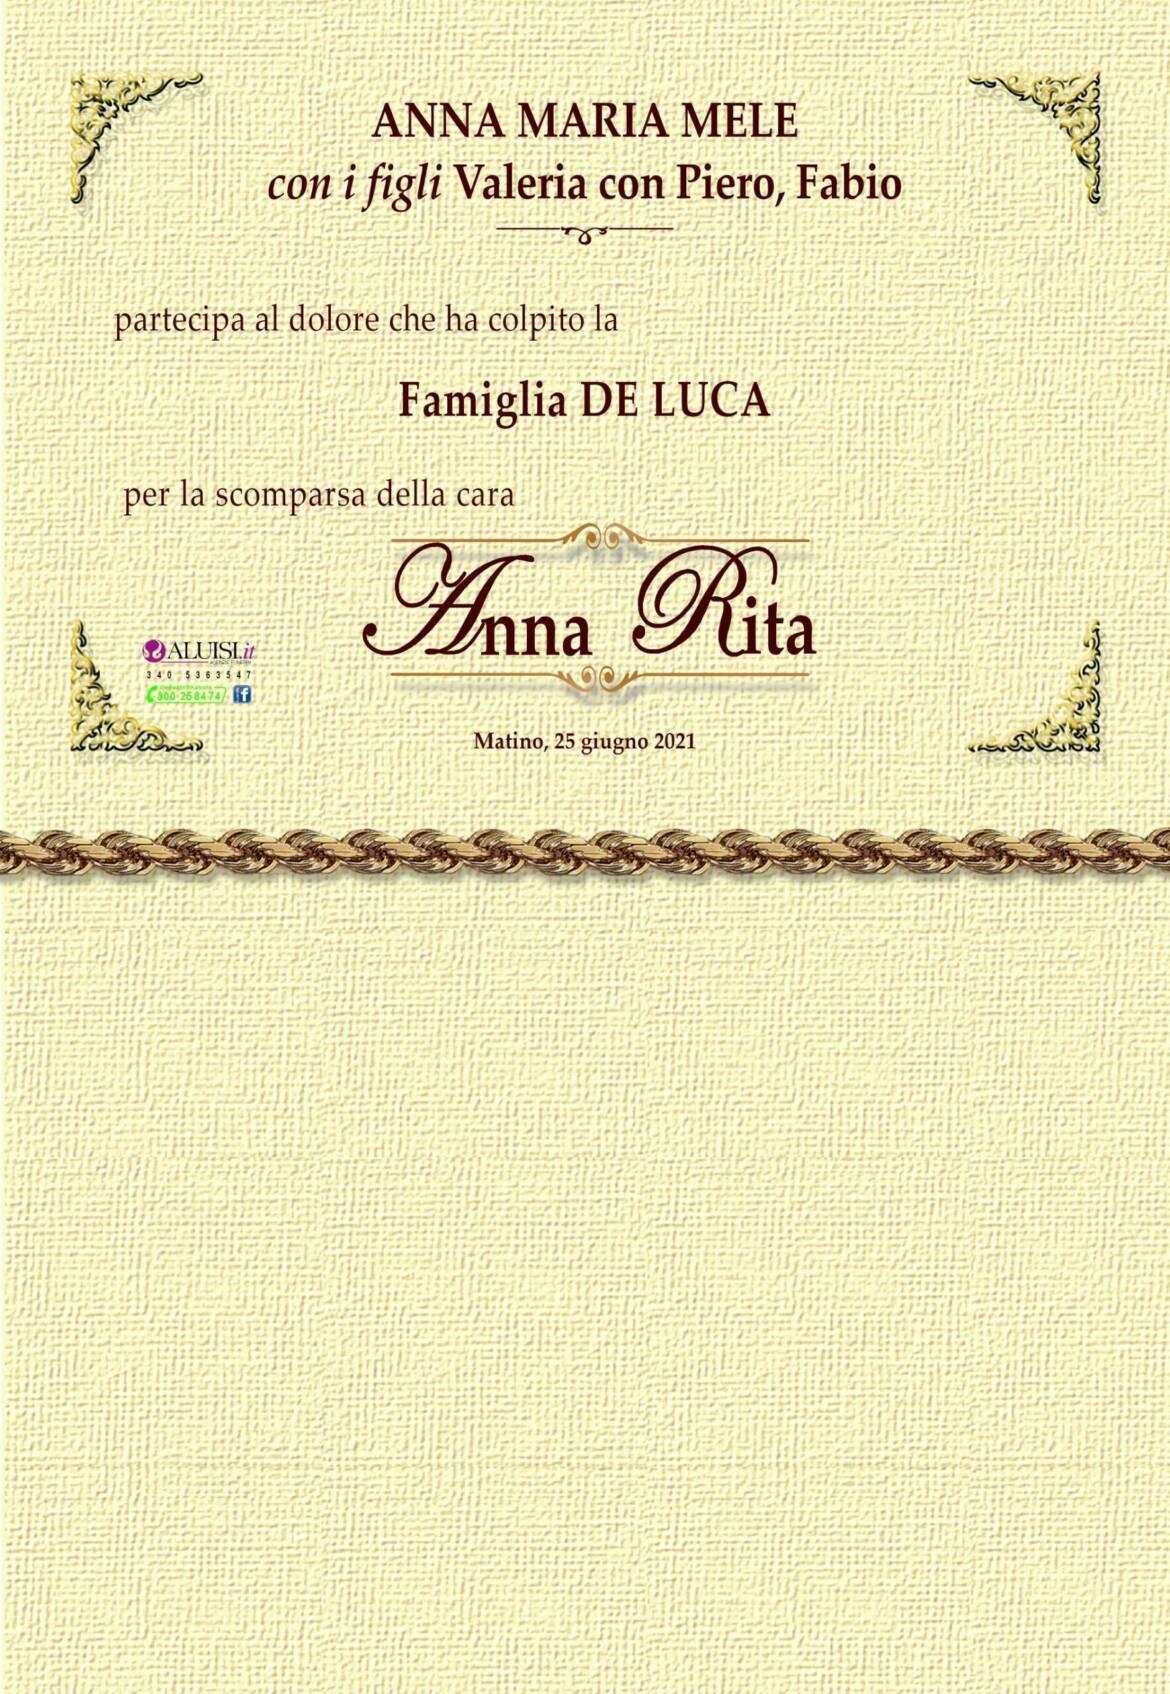 PARTECIPAZION-anna-rita-de-luca-matino-scaled.jpg